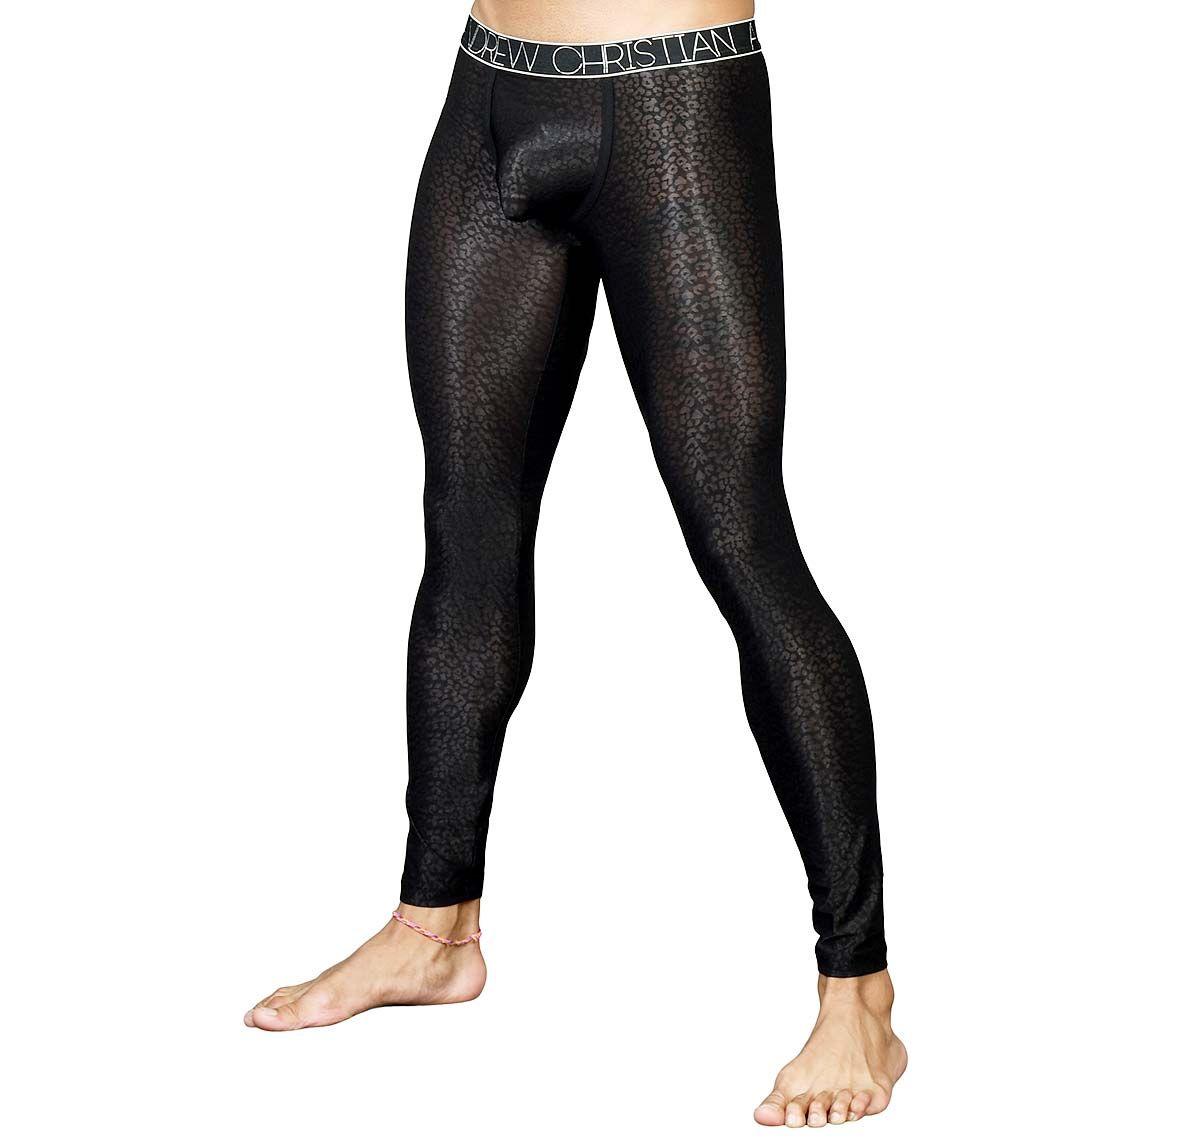 Andrew Christian Leggings SHEER LEOPARD LEGGING 91343, black